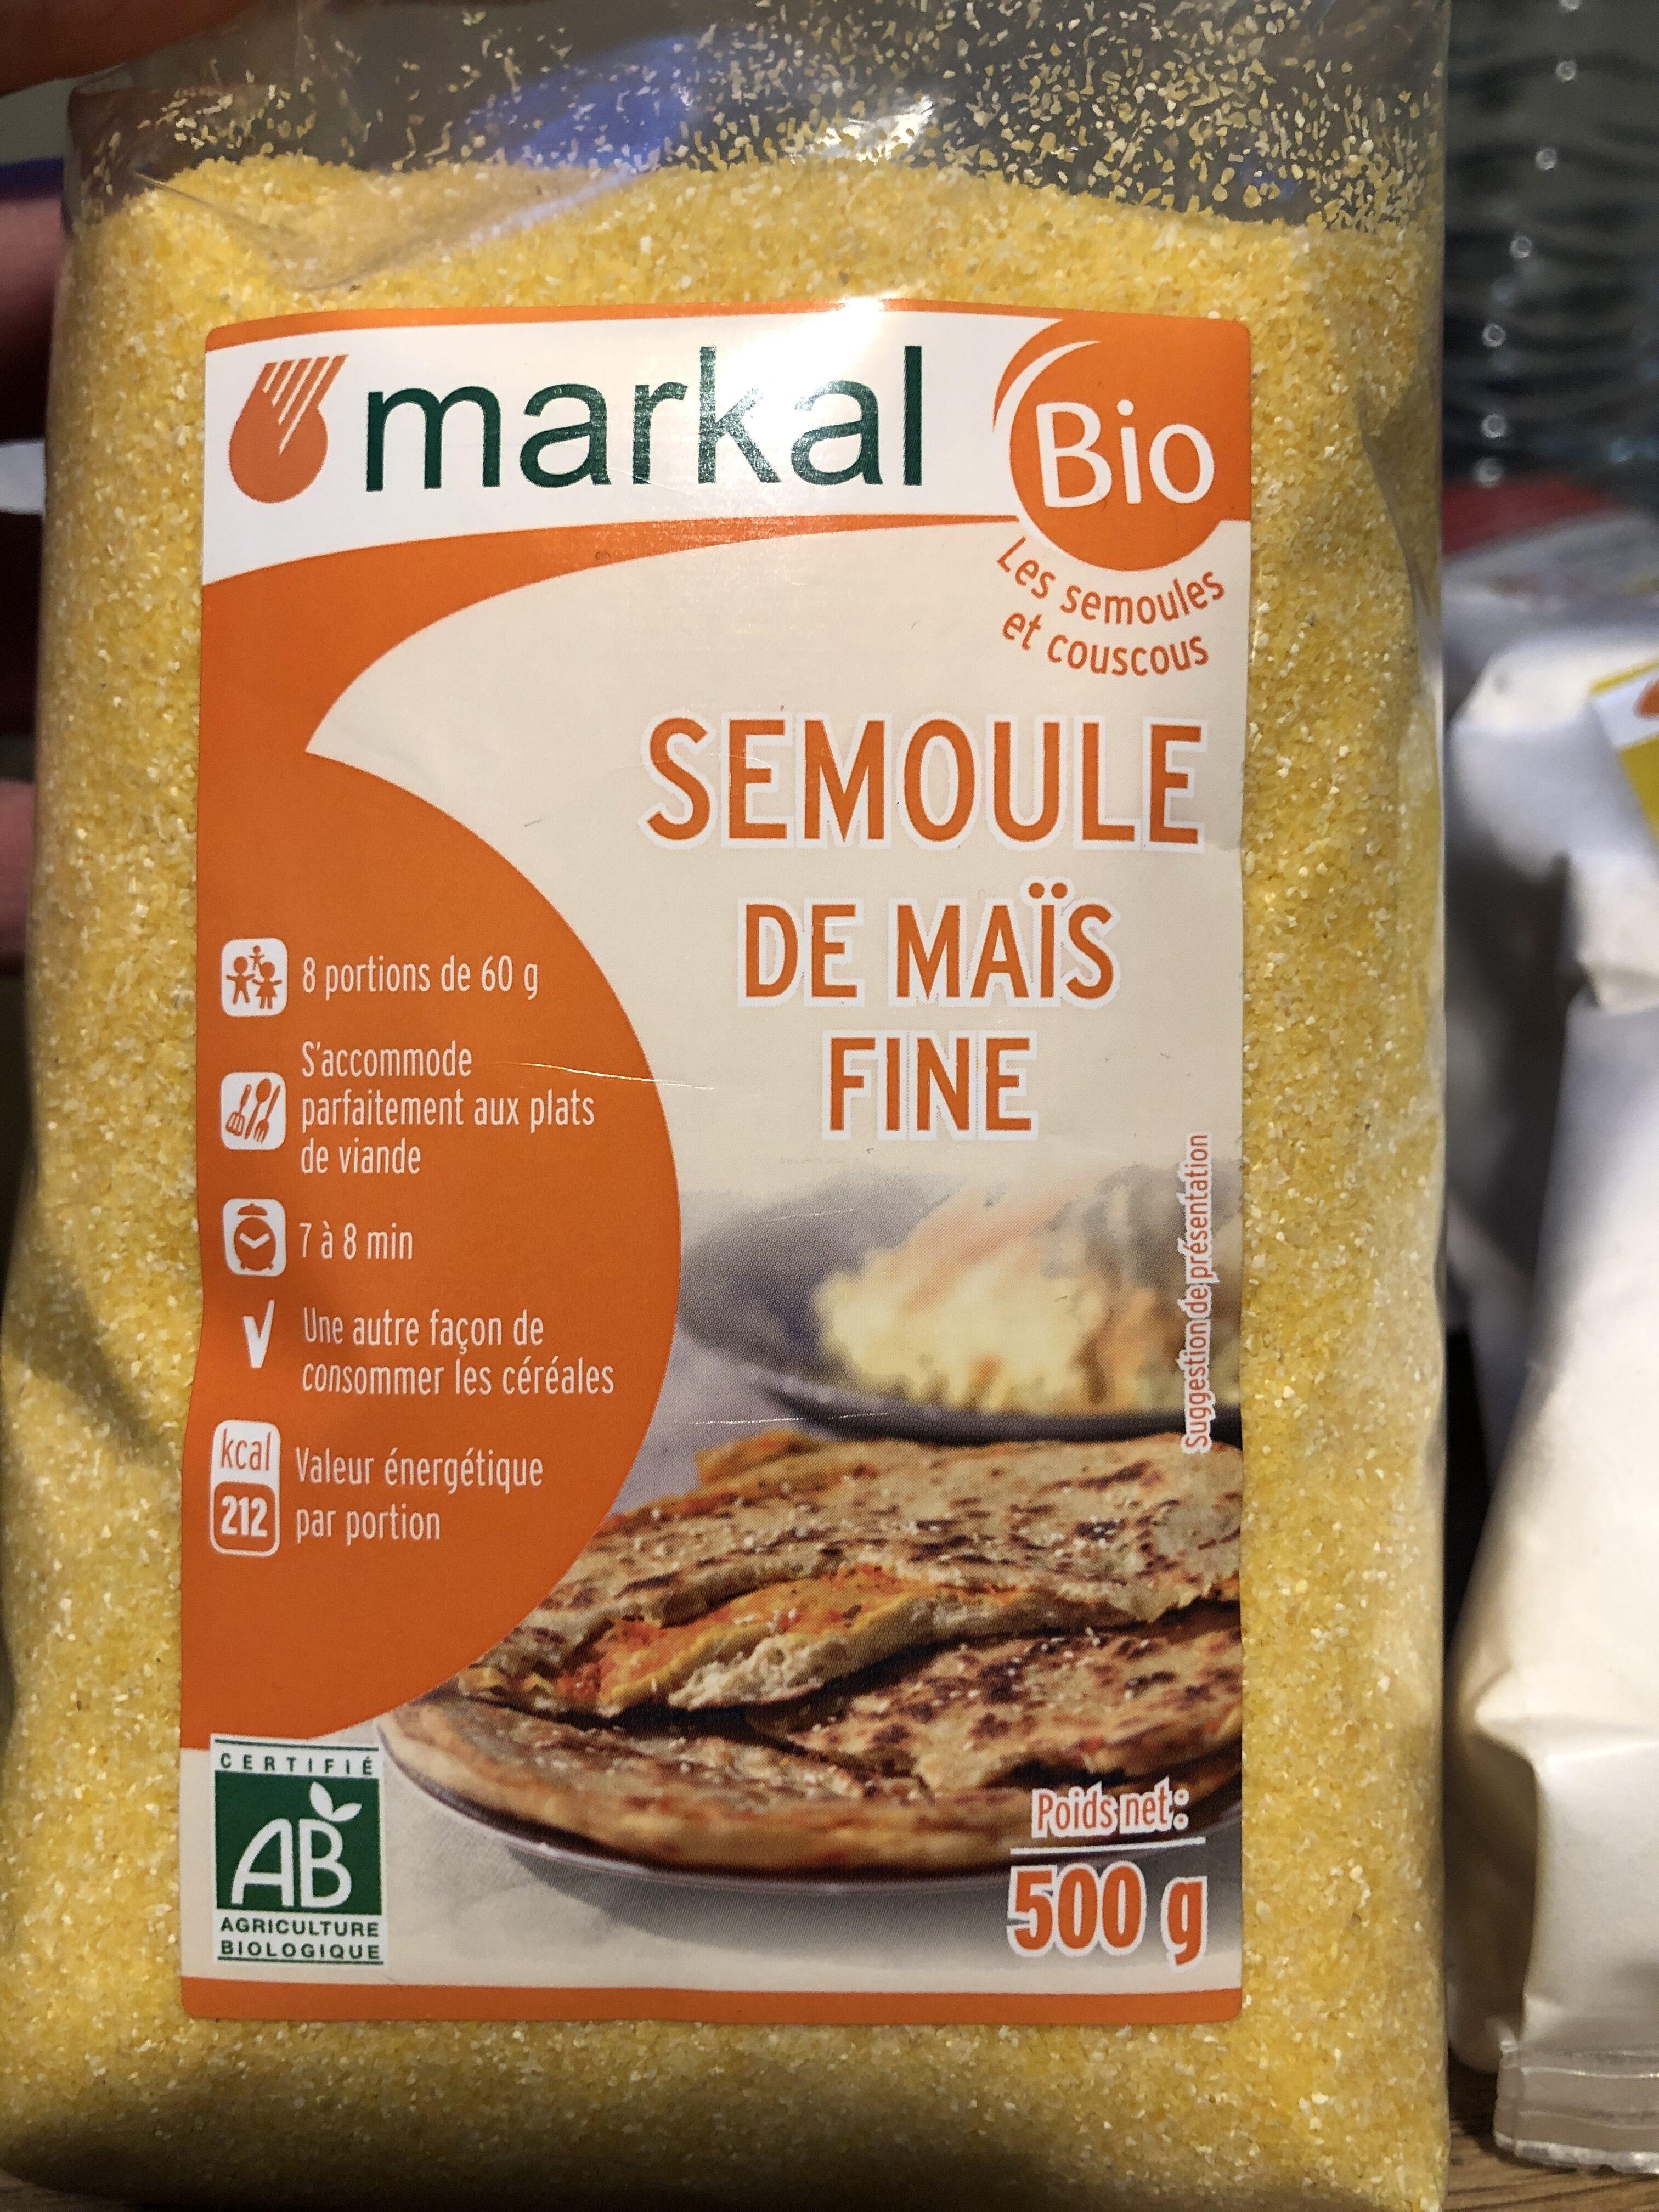 Semoule de maïs fine - Produit - fr